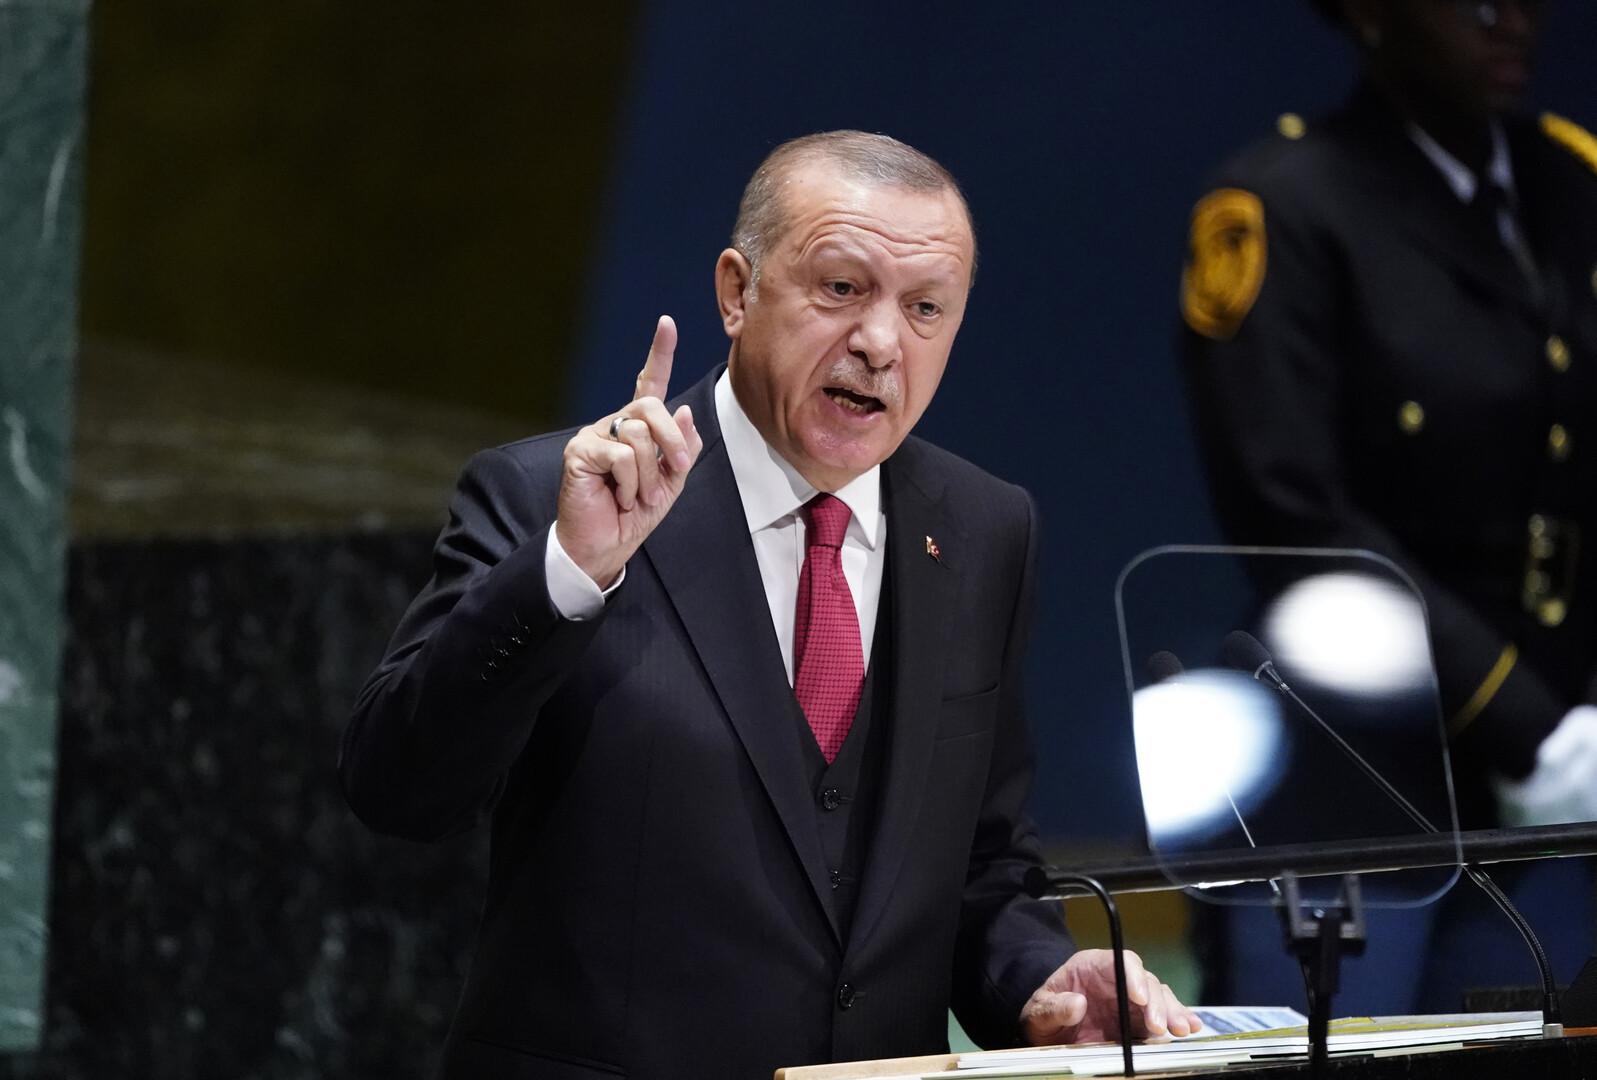 أردوغان يثير في الجمعية العامة قضيتي خاشقجي ومرسي